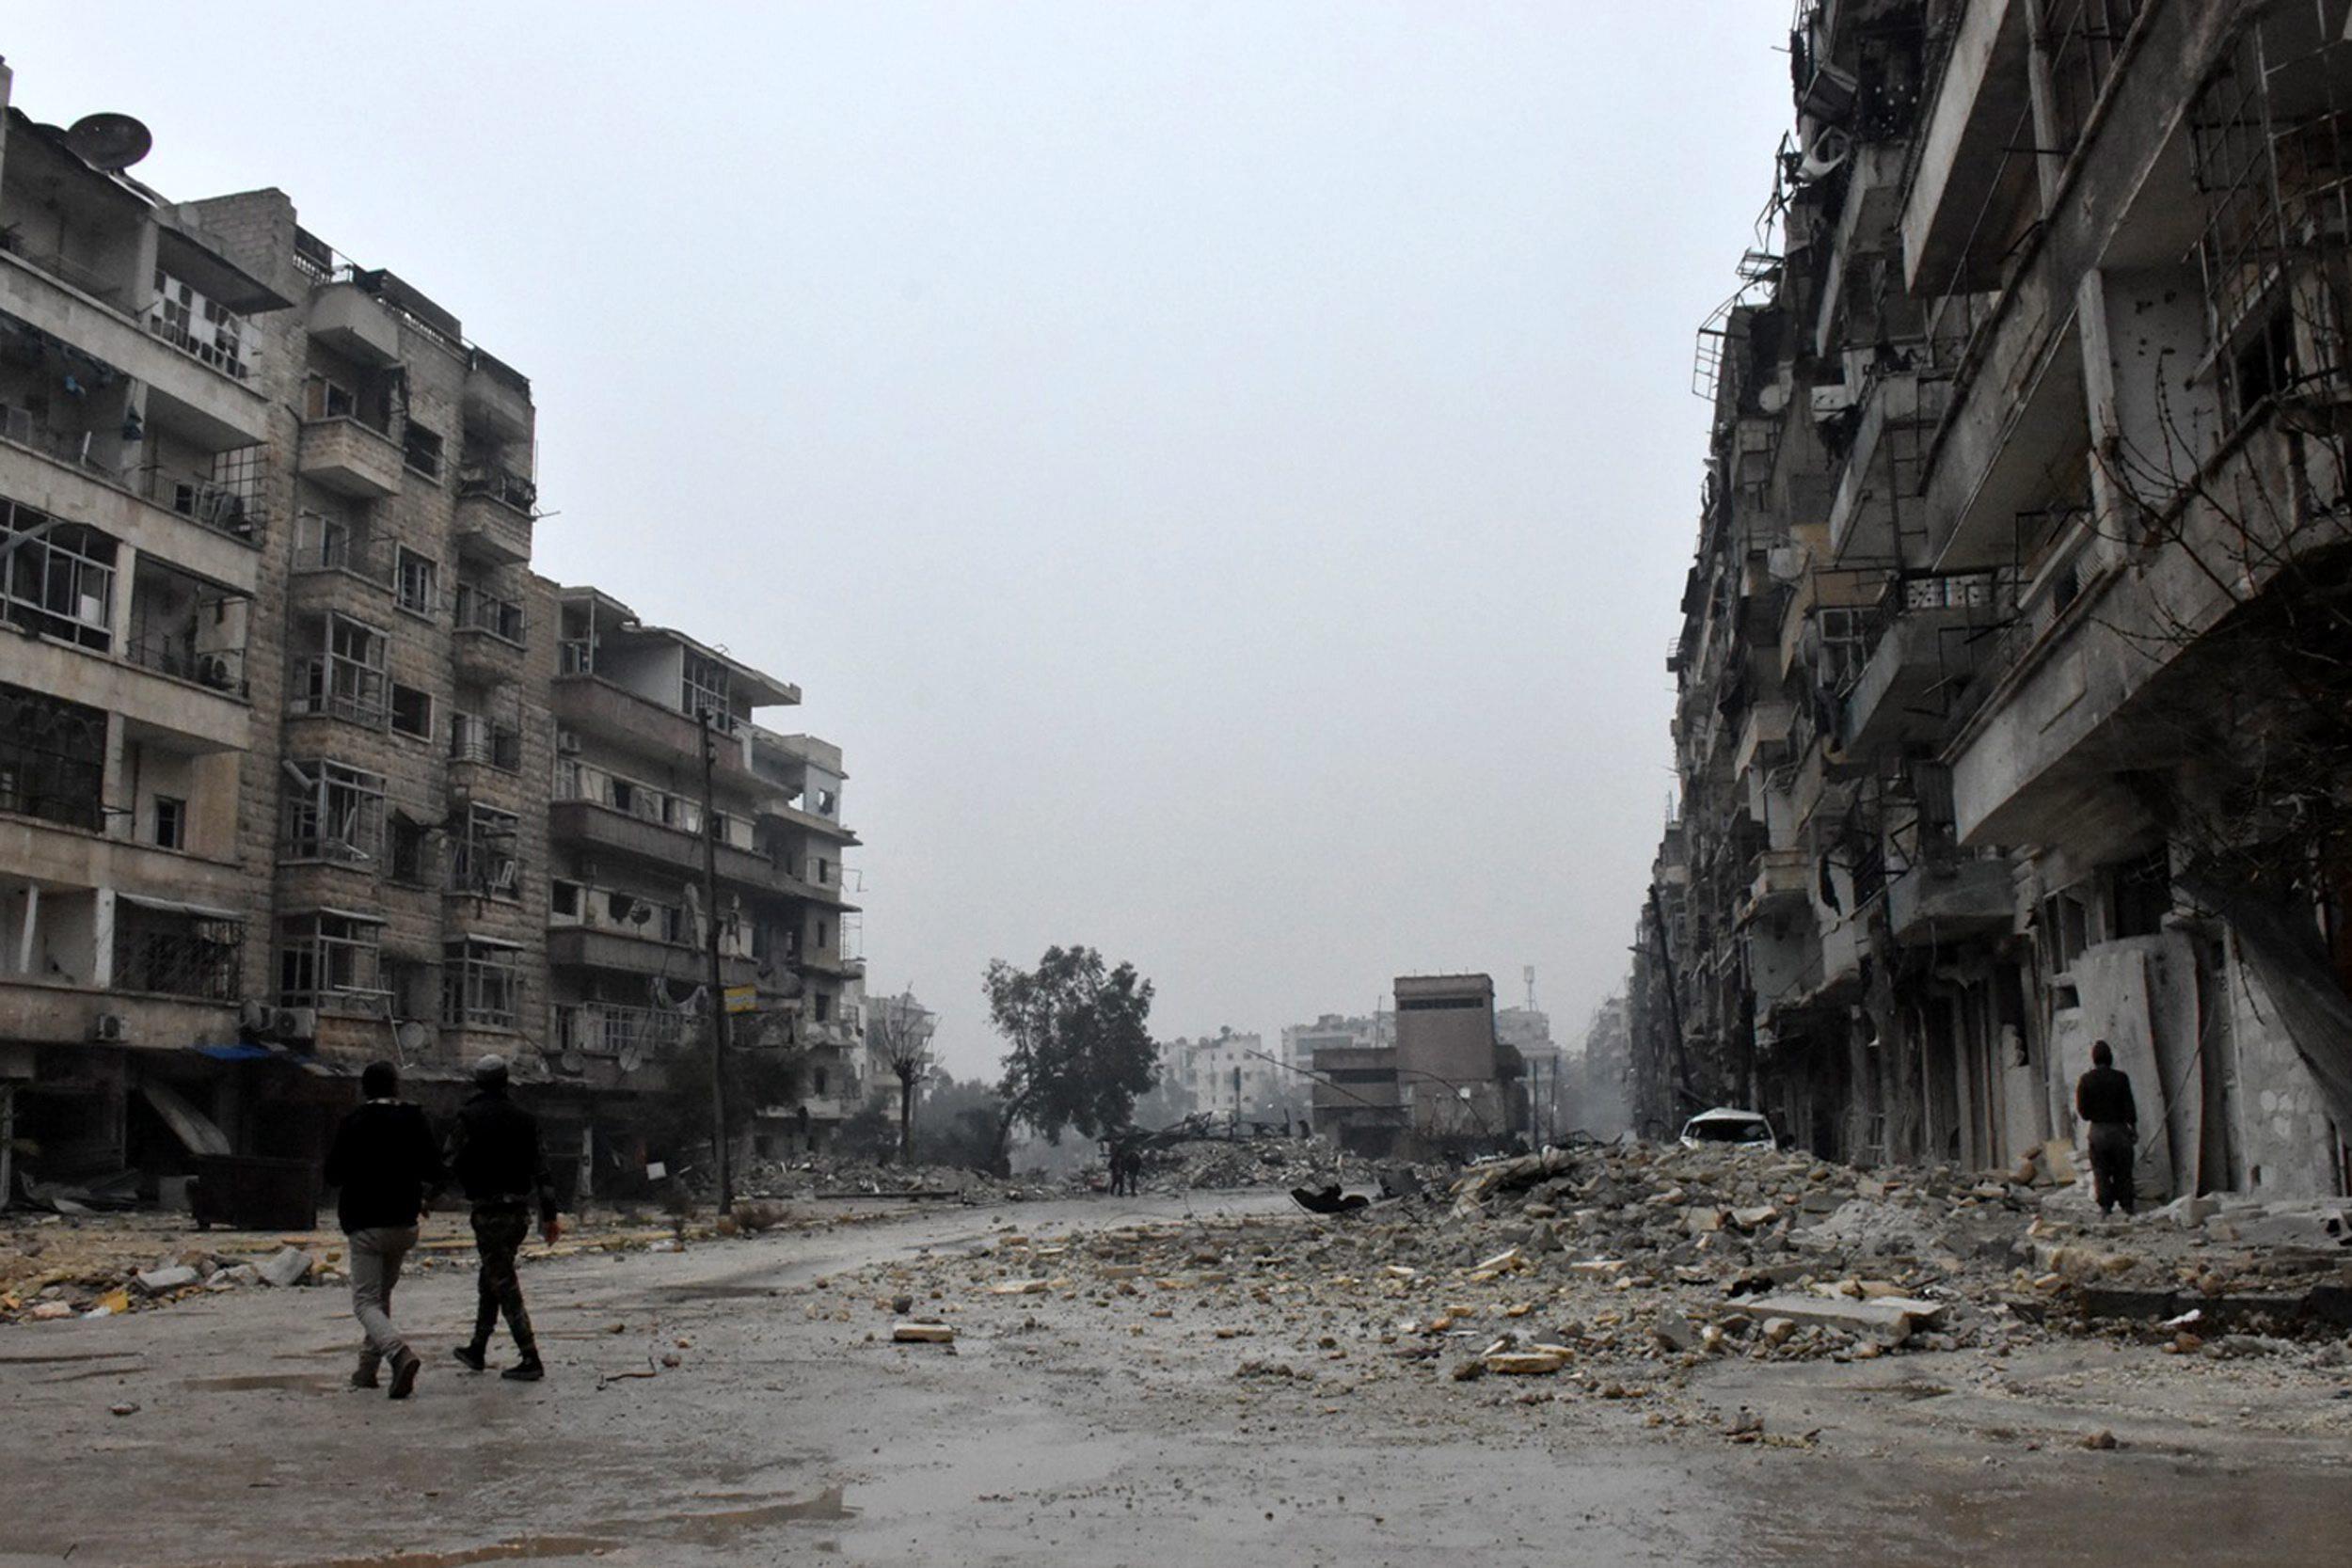 Aleppo zniszczone bombardowaniami